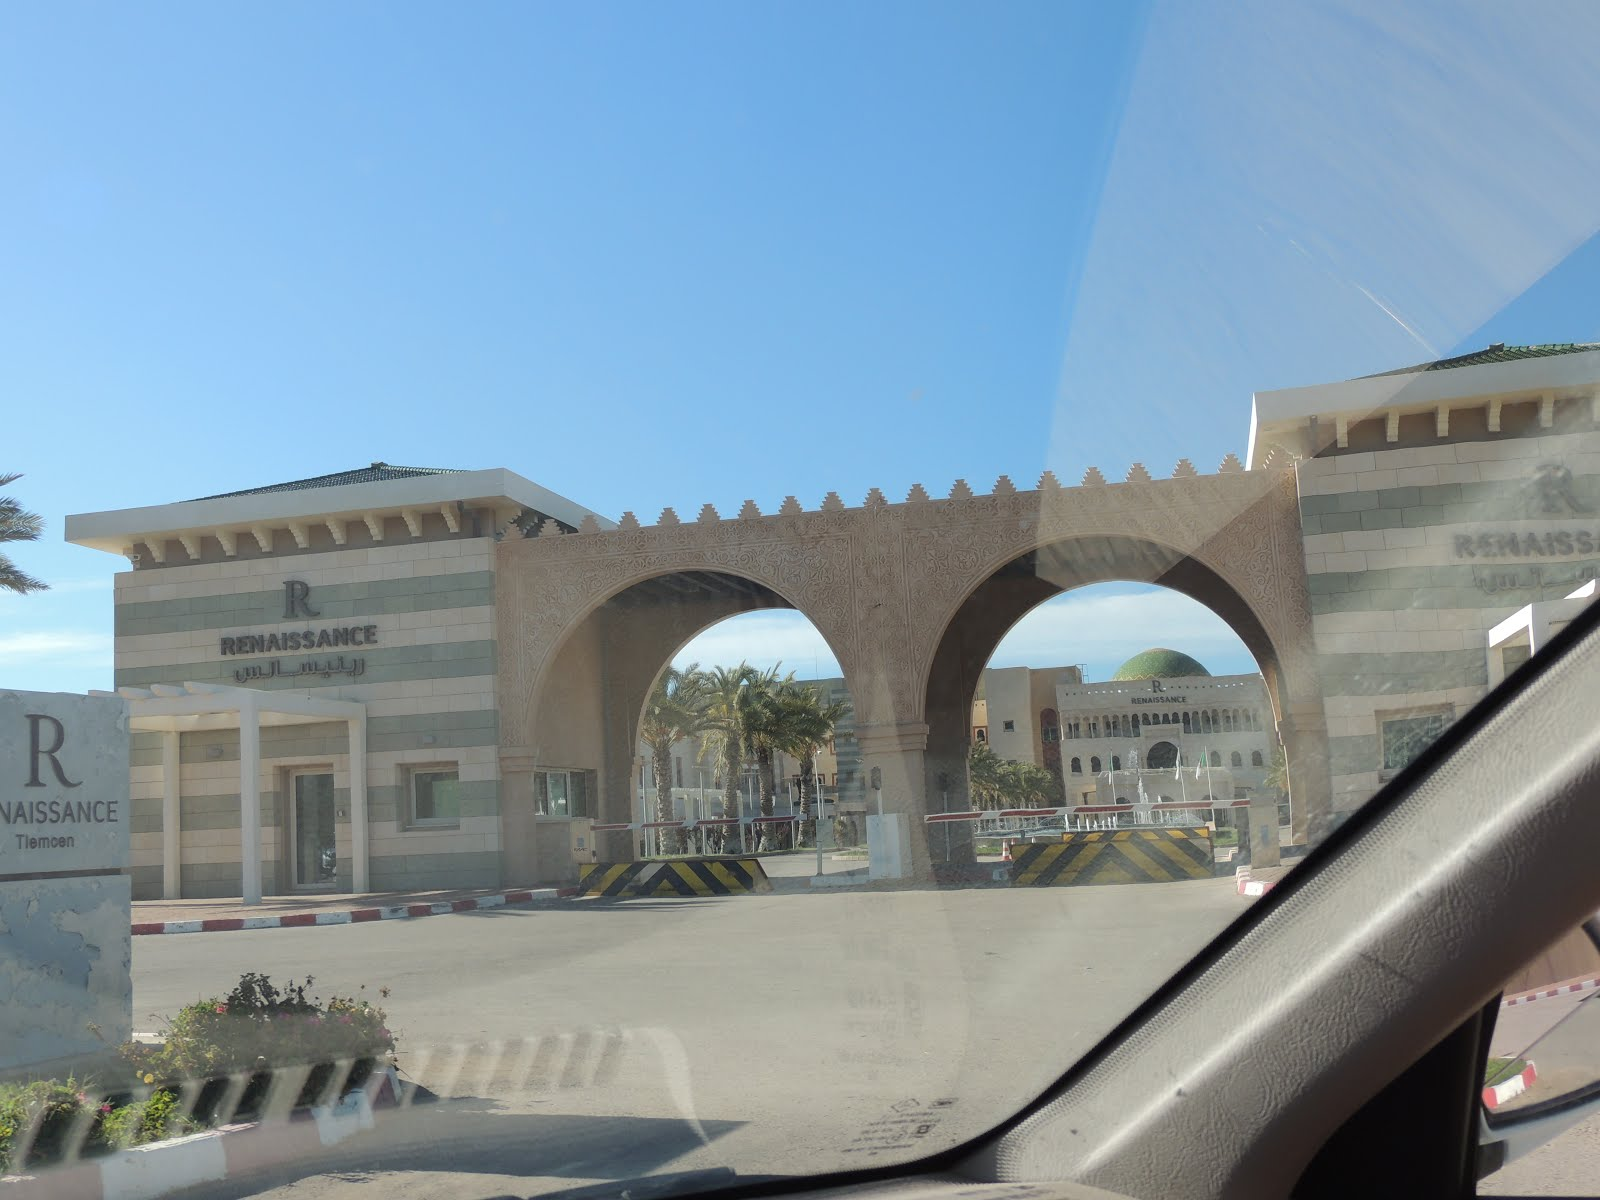 Hotel Renaissance-Tlemcen- Algerie